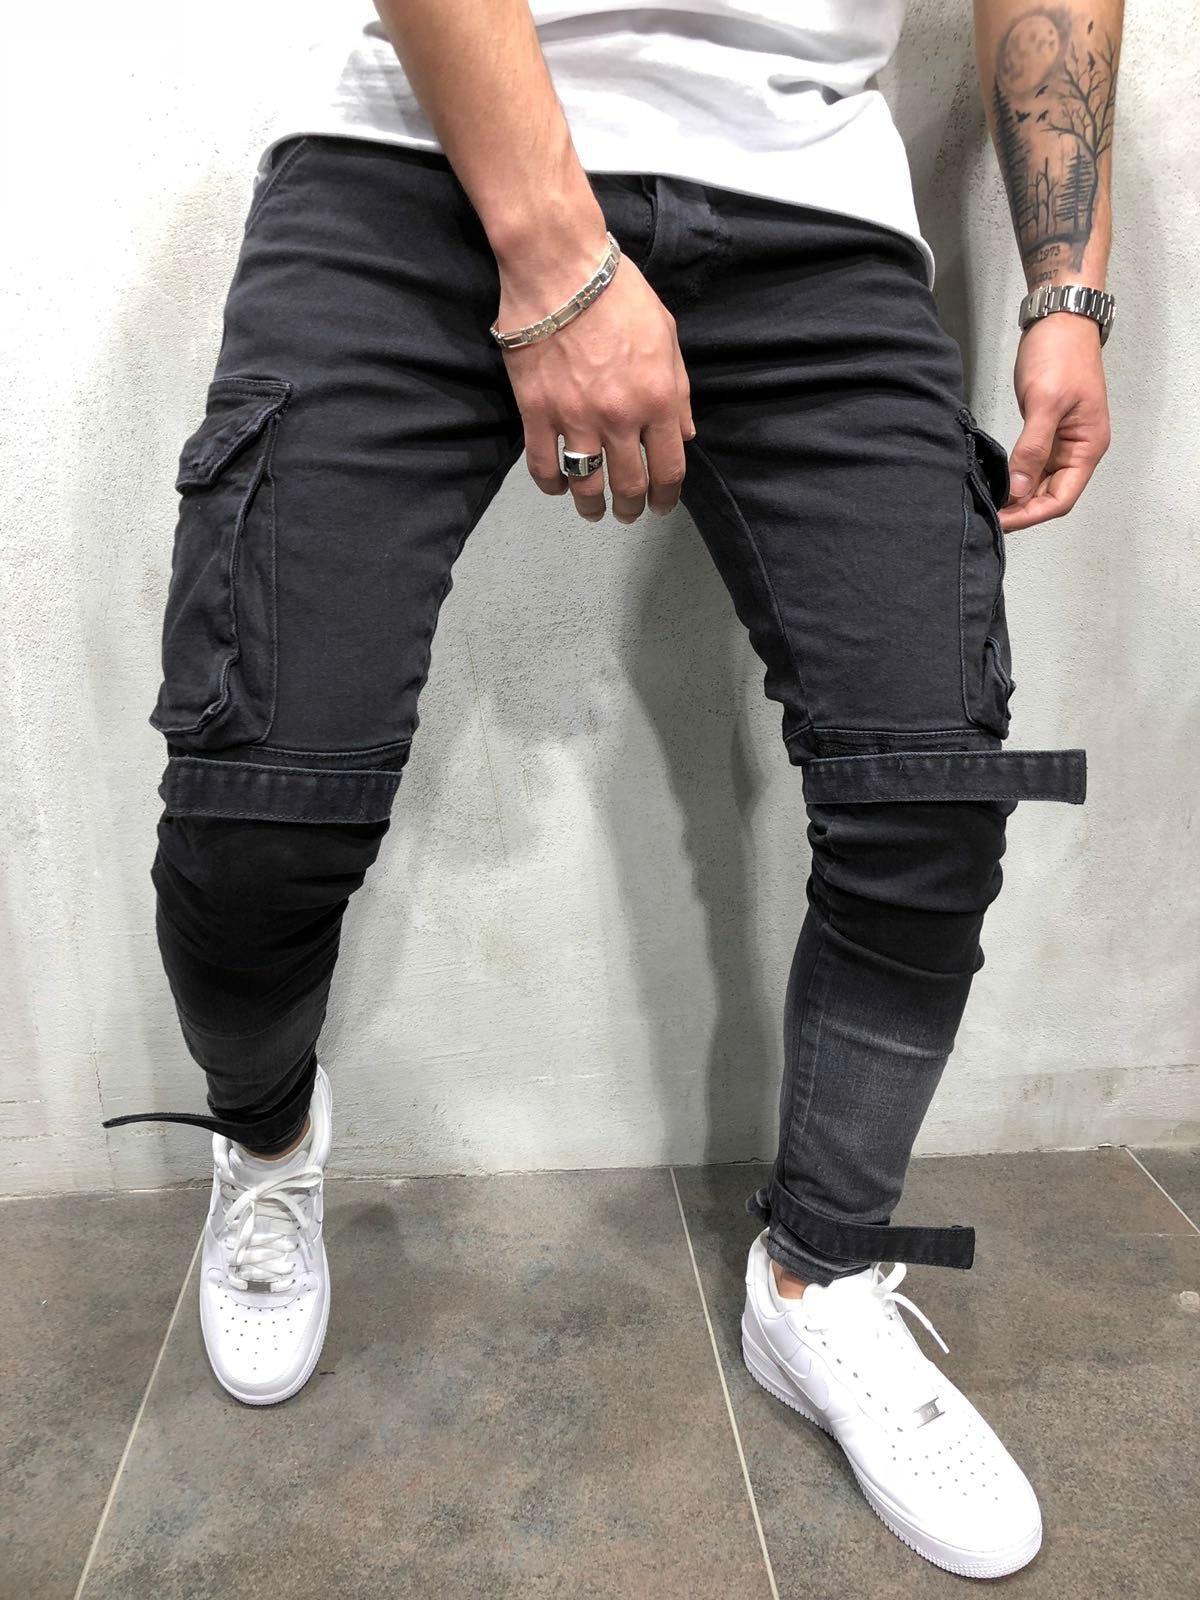 2018 New Arrived Men Cargo Pockets Biker Jeans Denim Slim Supper Skinny Hip Hop Jeans Men